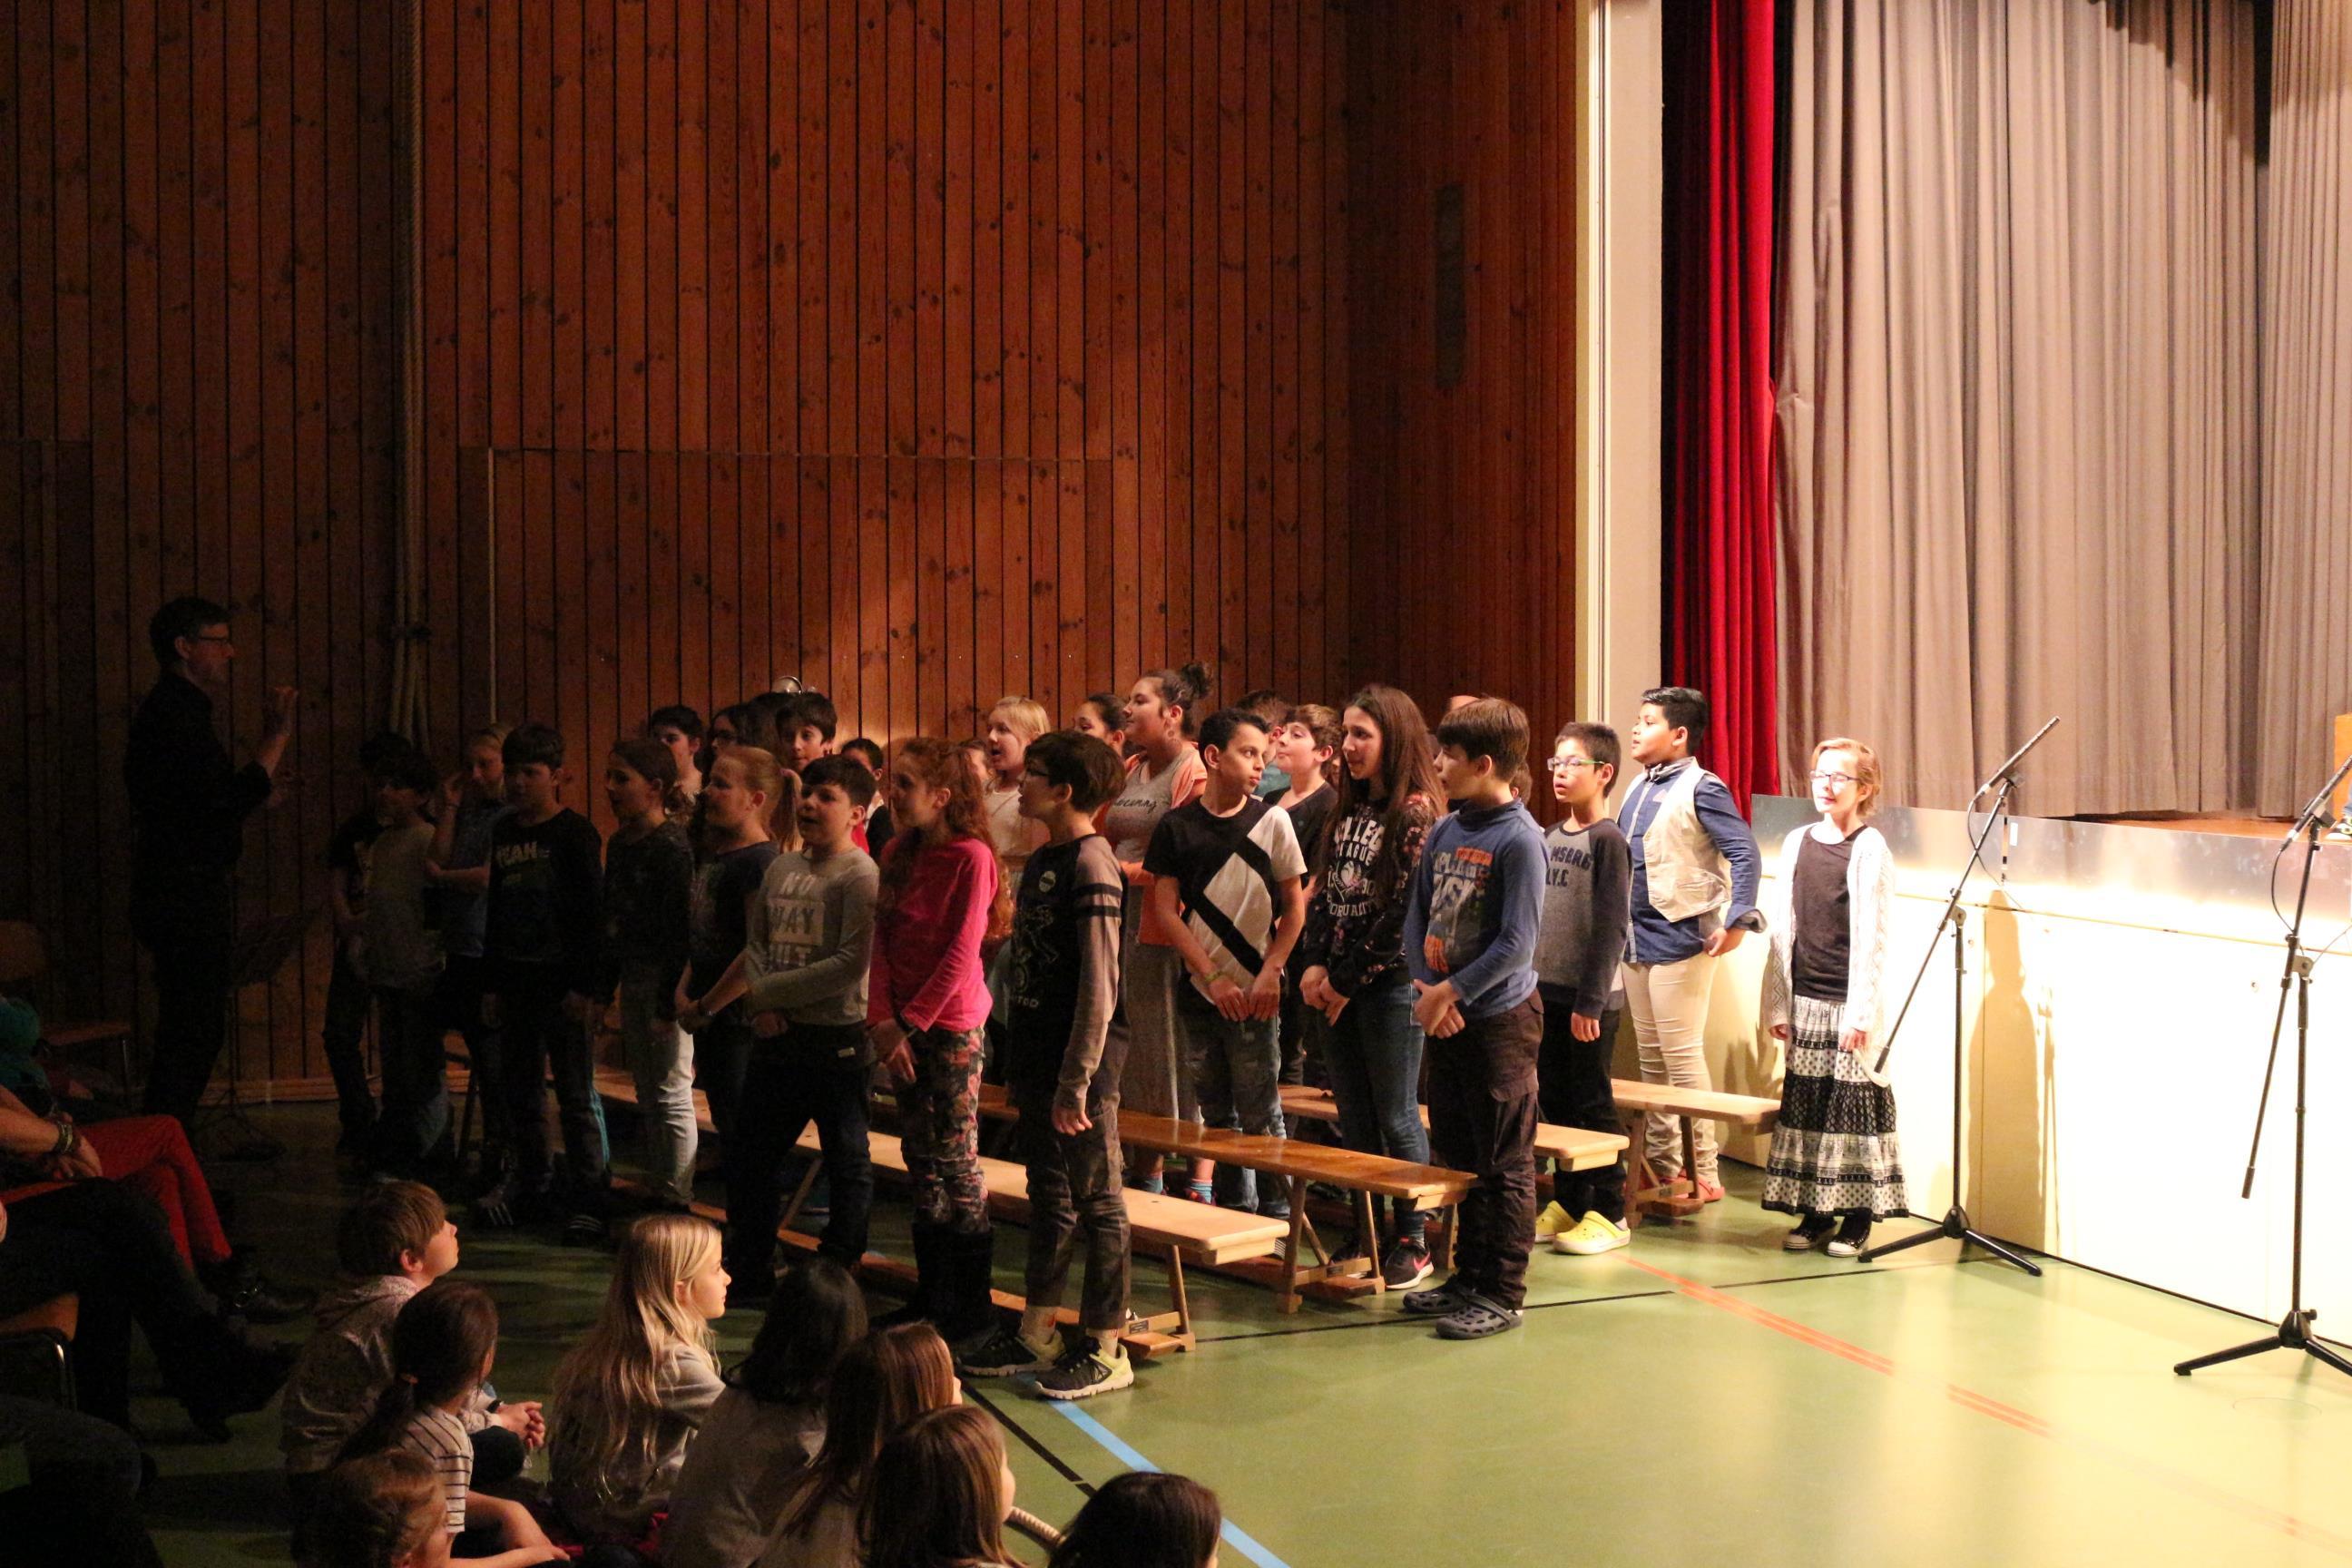 http://primarschule-steinmaur.ch/wp-content/uploads/2018/03/IMG_8215-Copy.jpg